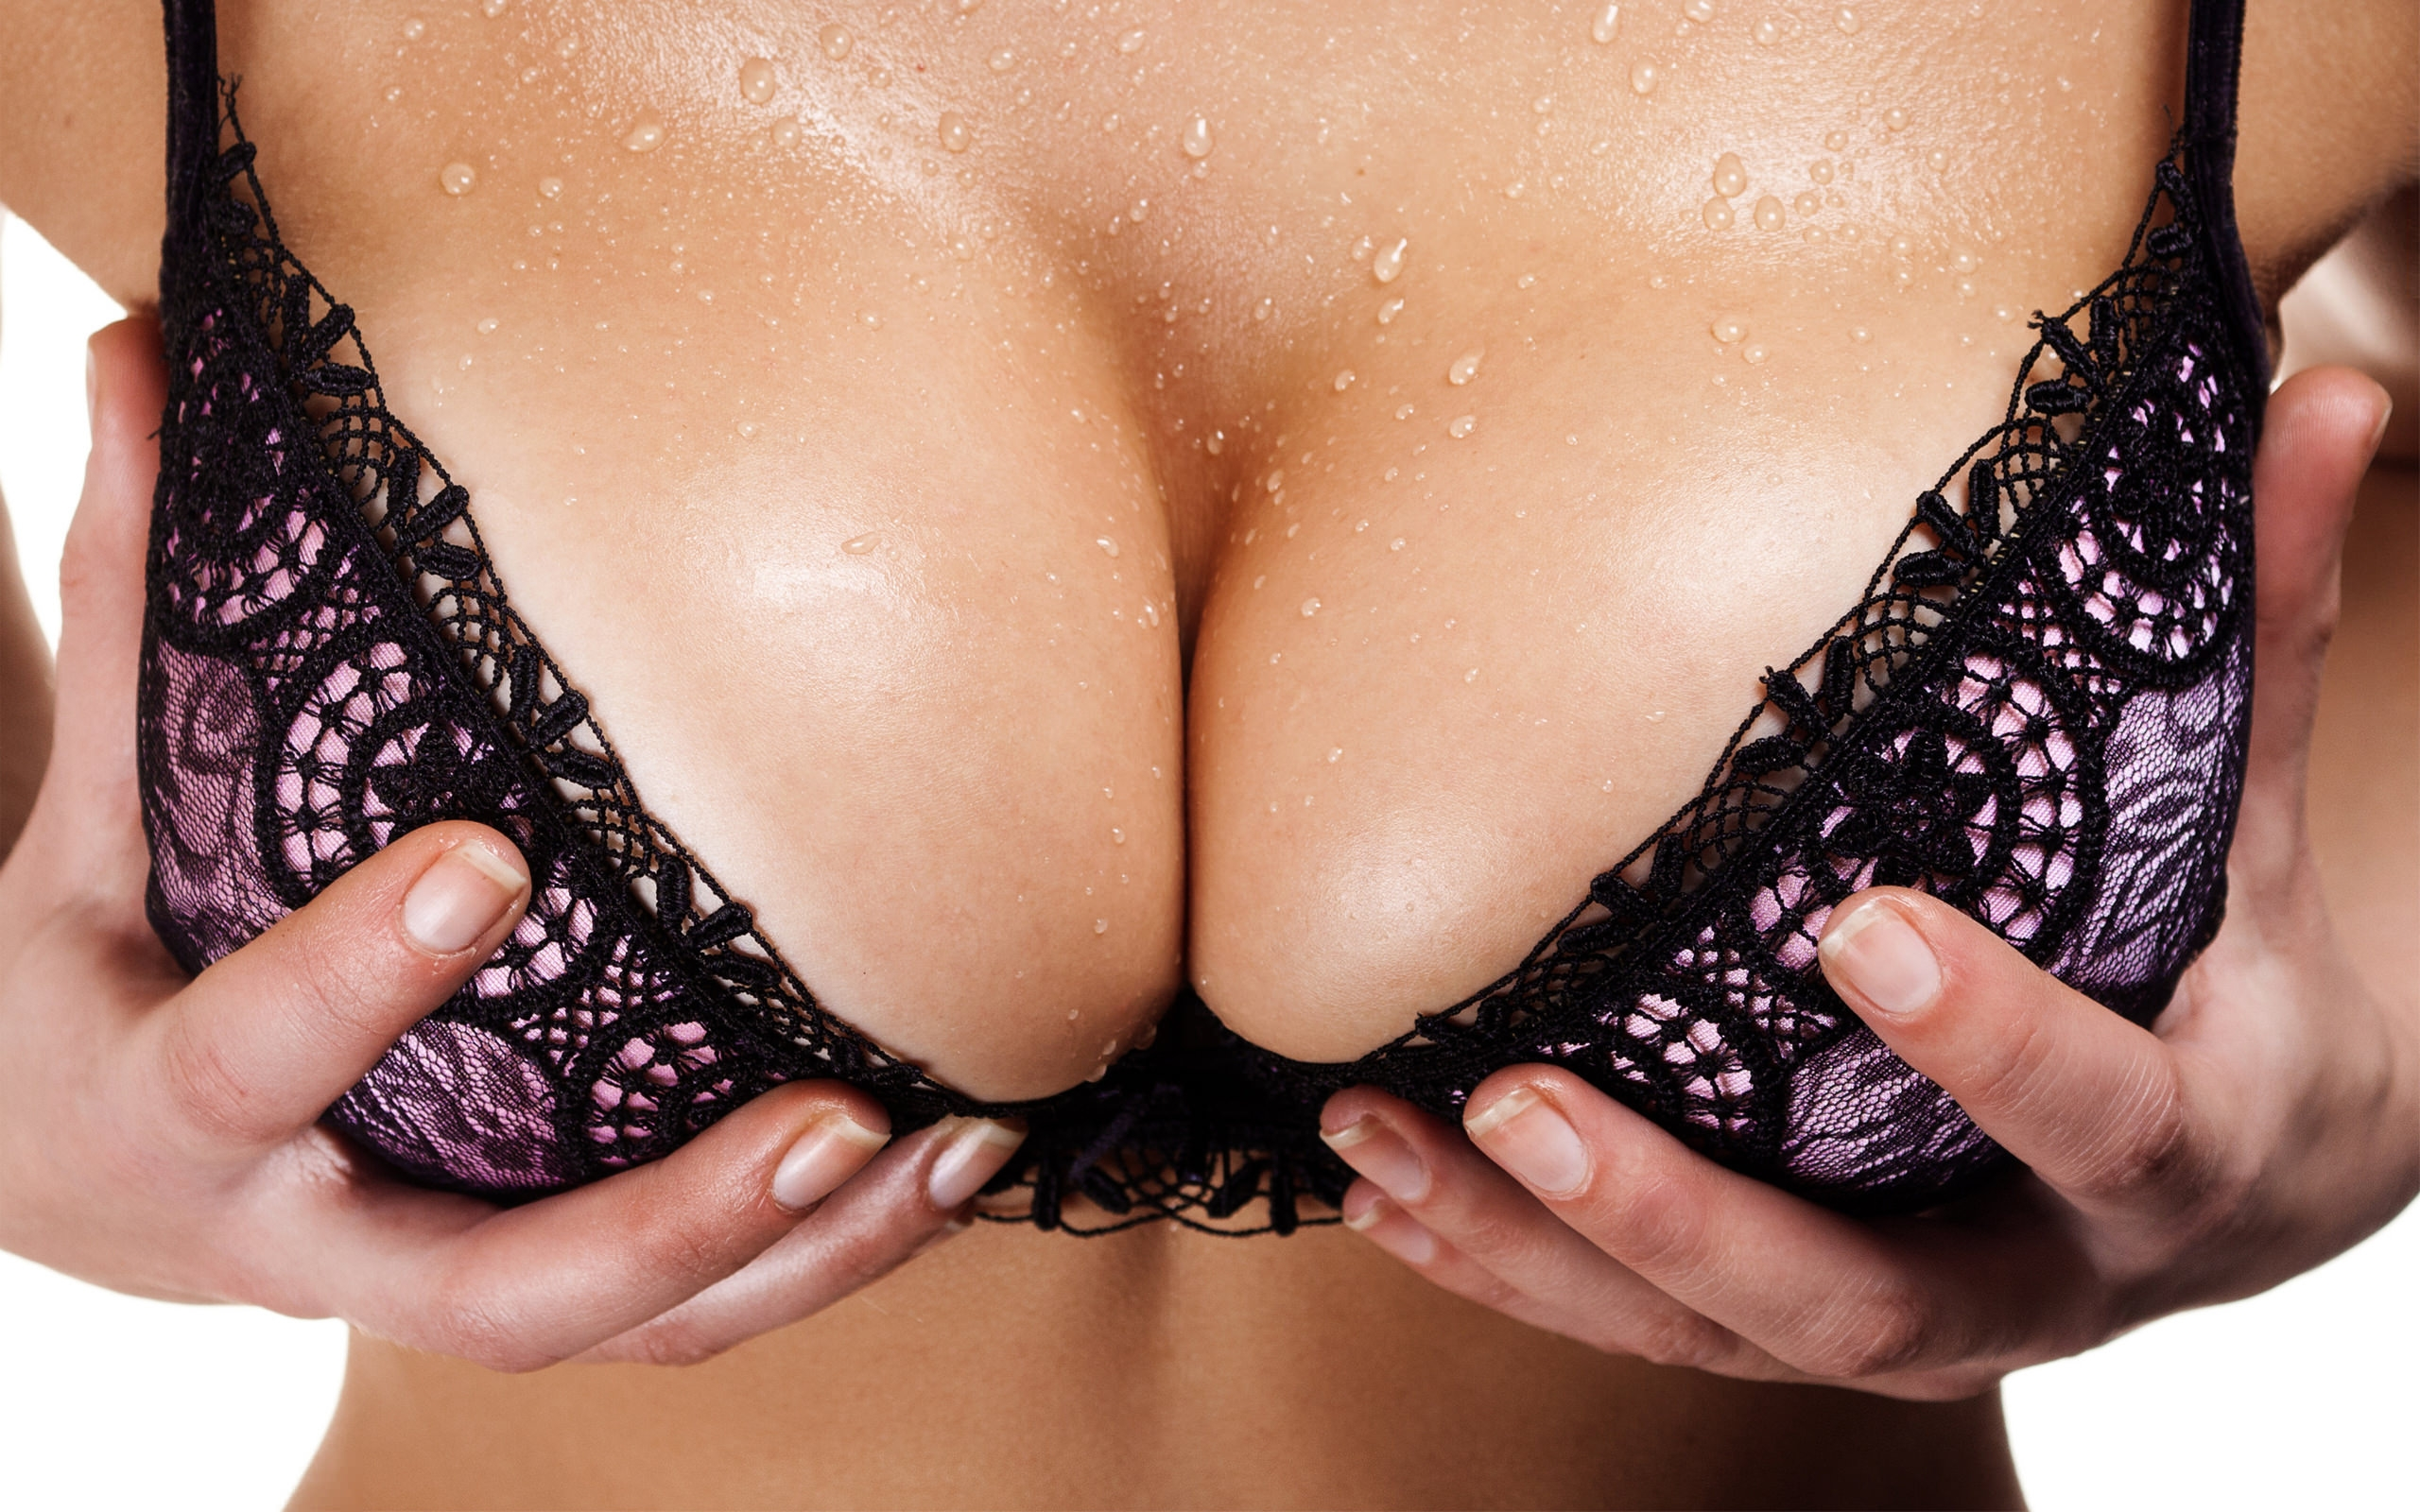 Фото Большая мокрая грудь крупным планом, девушка схватилась за свою грудь в фиолетовом лифчике, мокрые сиськи. Wet boobs in erotic bra, appetizing tits, tits in hands, скачать картинку бесплатно